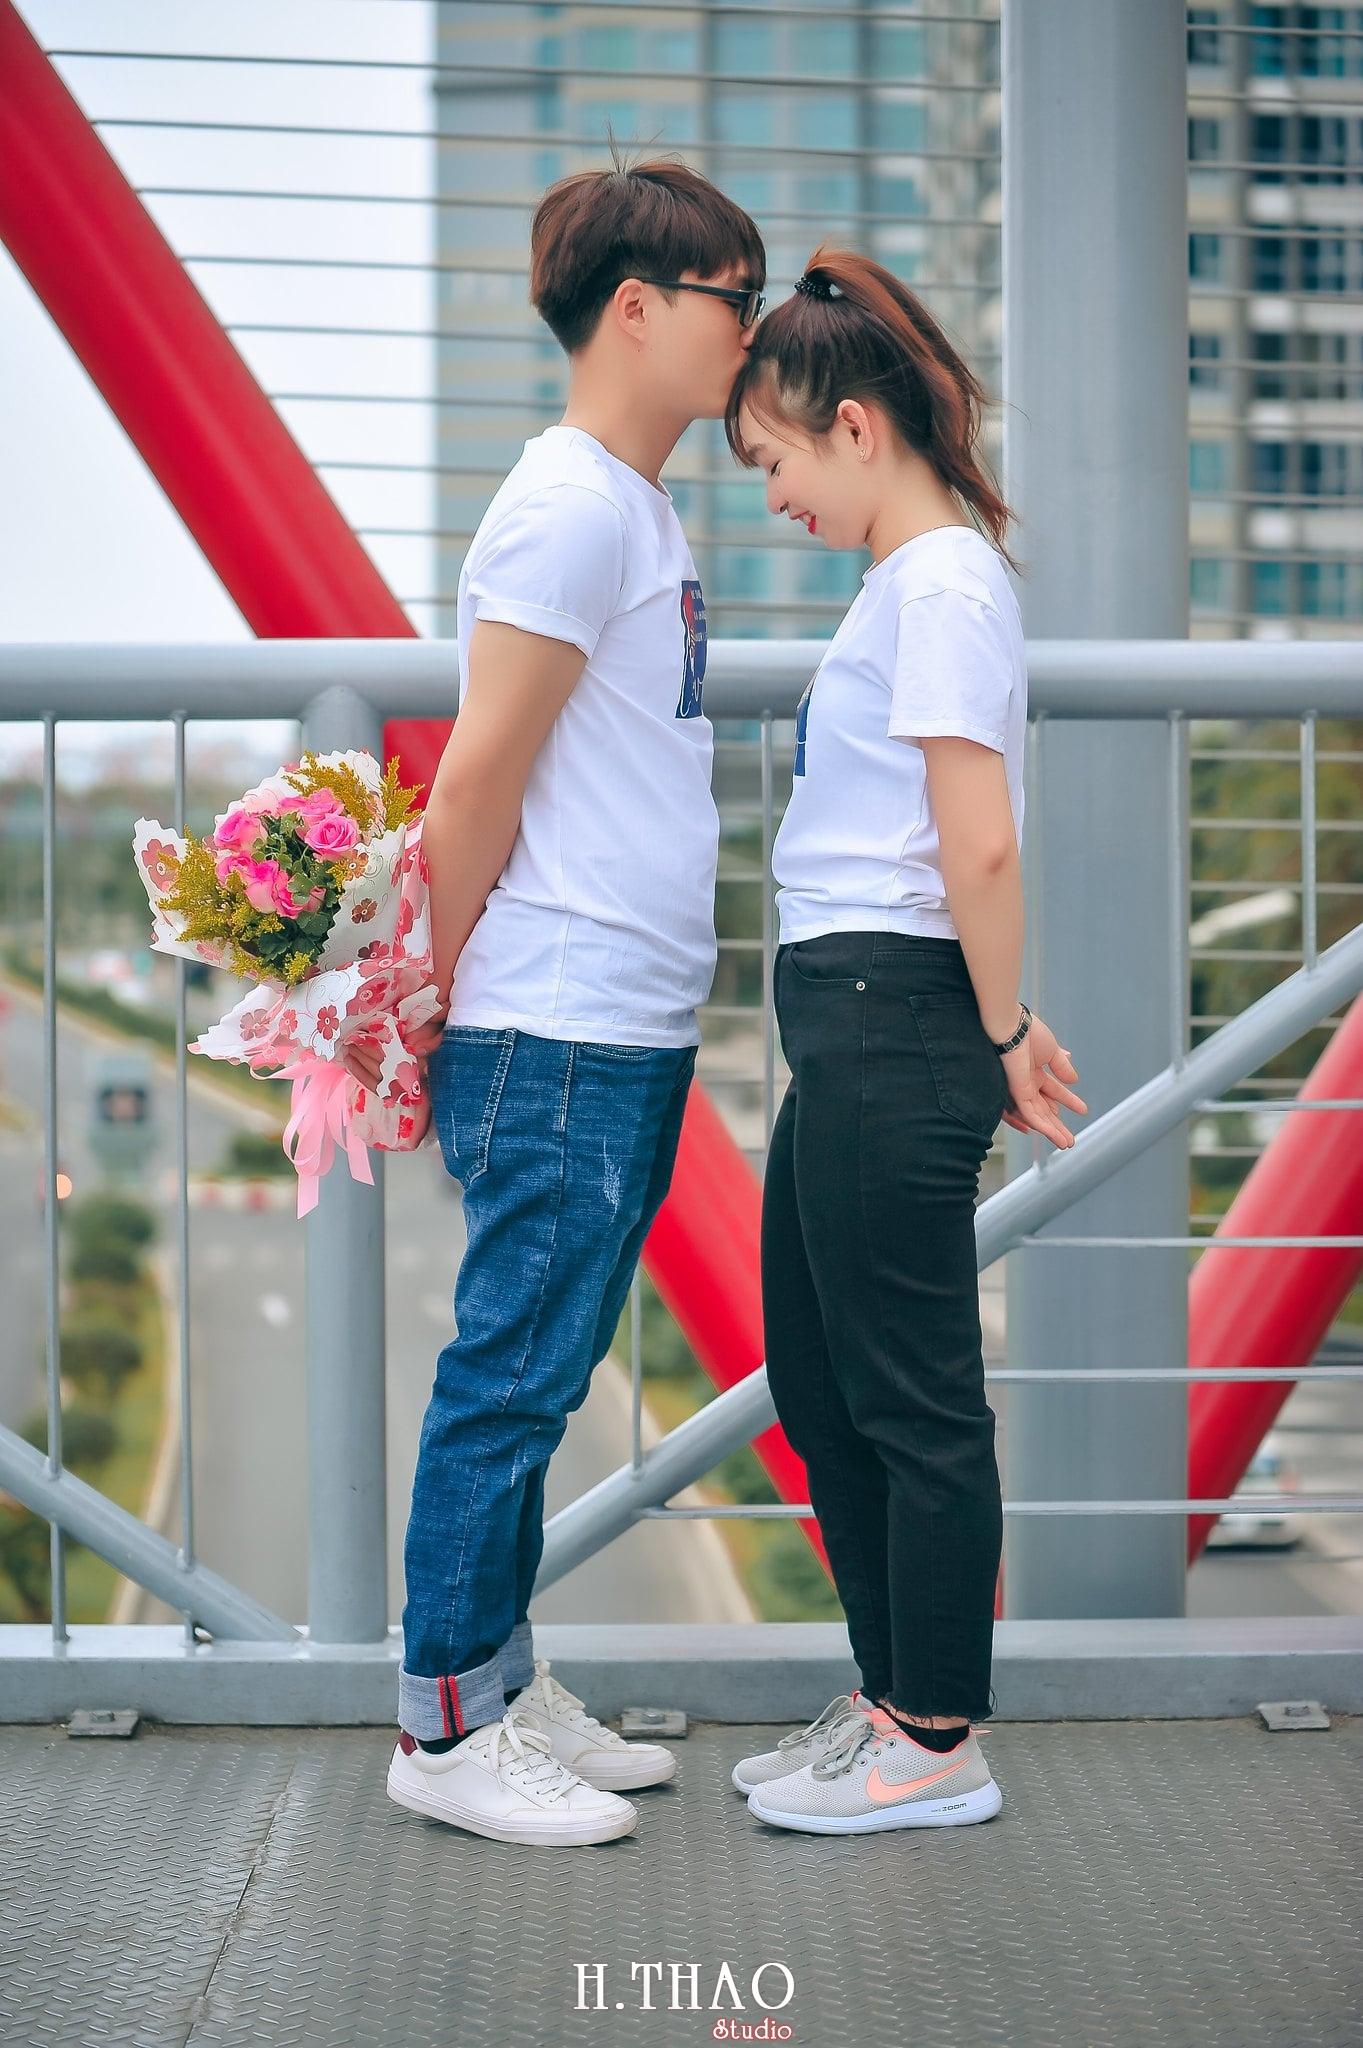 Anh couple sieu de thuong 10 - Chụp ảnh Couple dễ thương tại thành phố Hồ Chí Minh